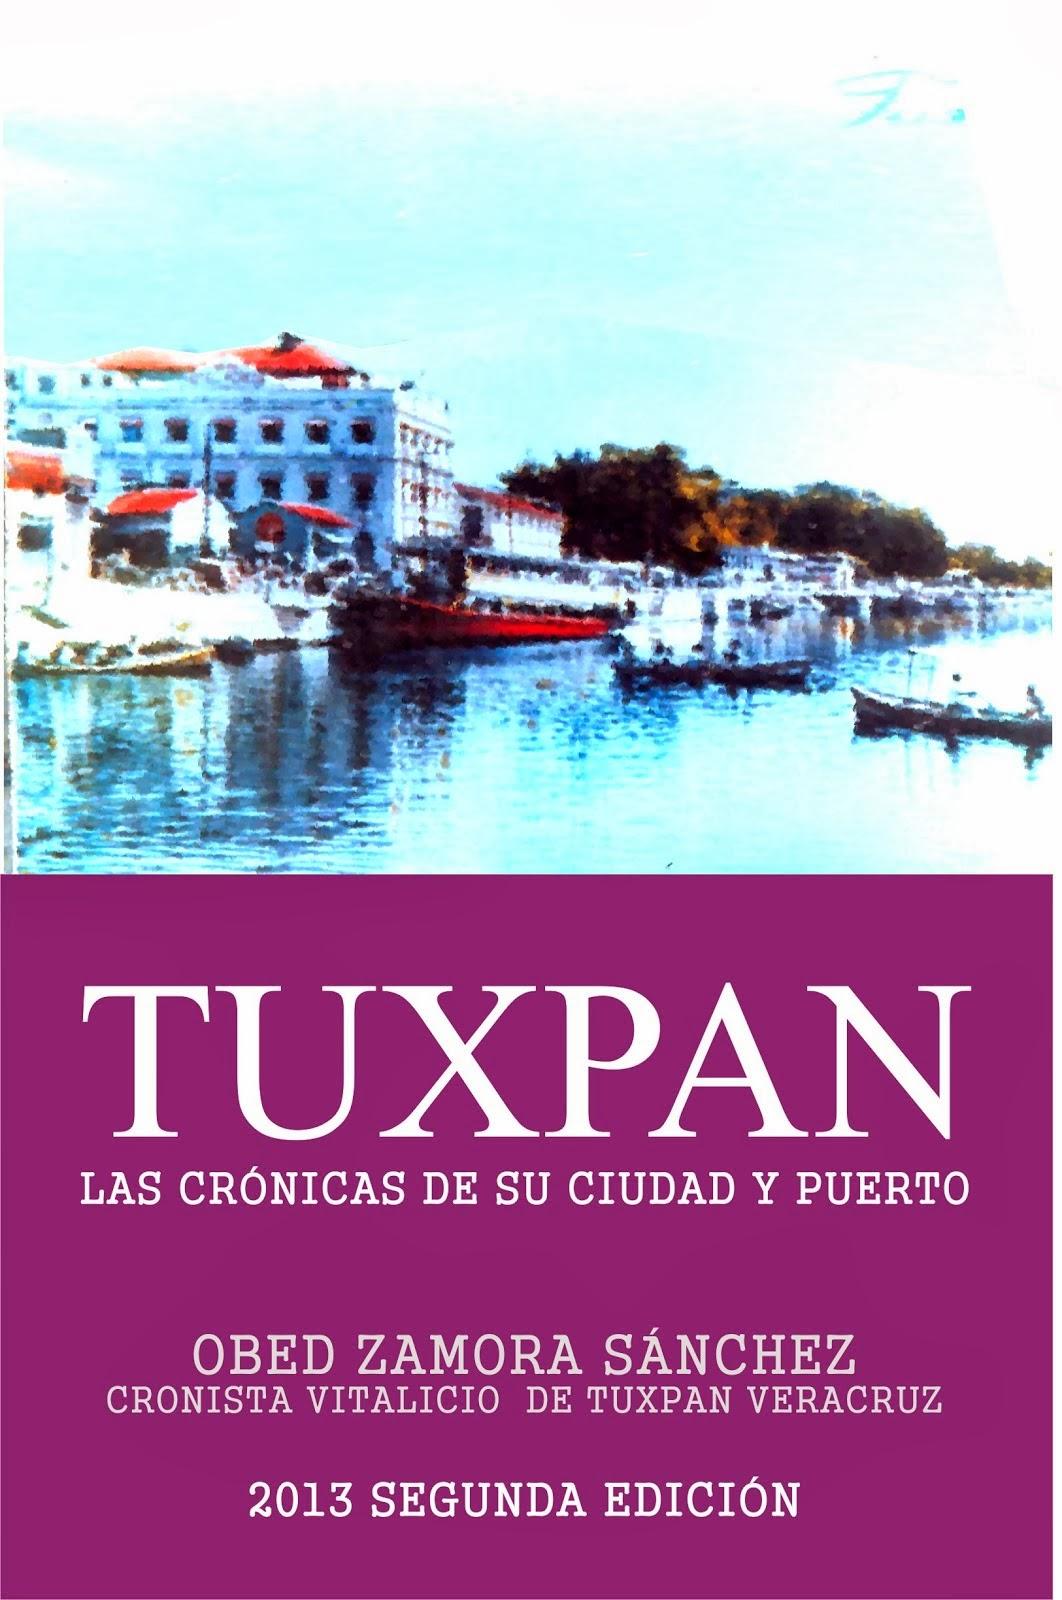 TUXPAN LAS CRONICAS DE SU CIUDAD Y PUERTO